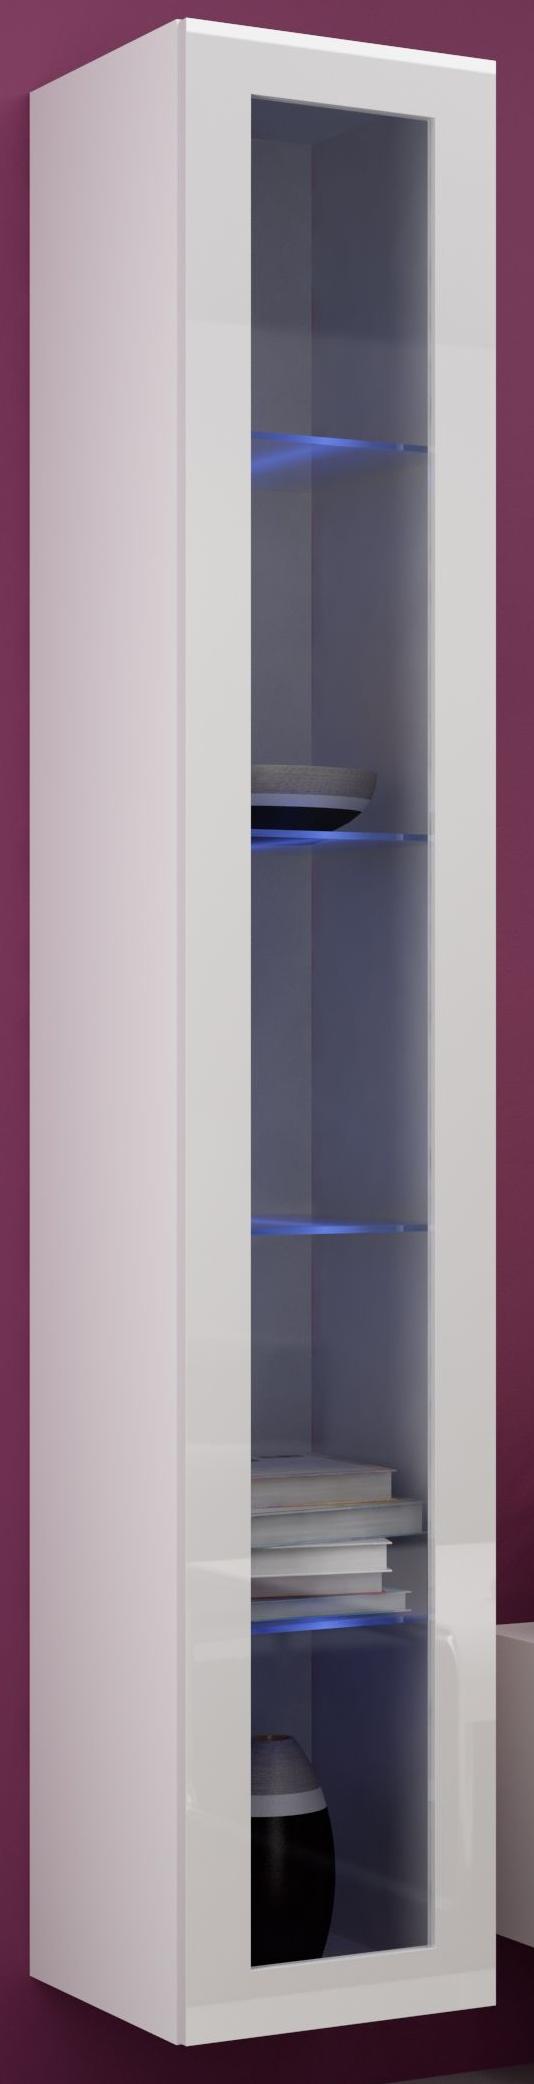 Vitrína na stenu - Famm - Vigo 180 sklo LED biela (s osvetlením)